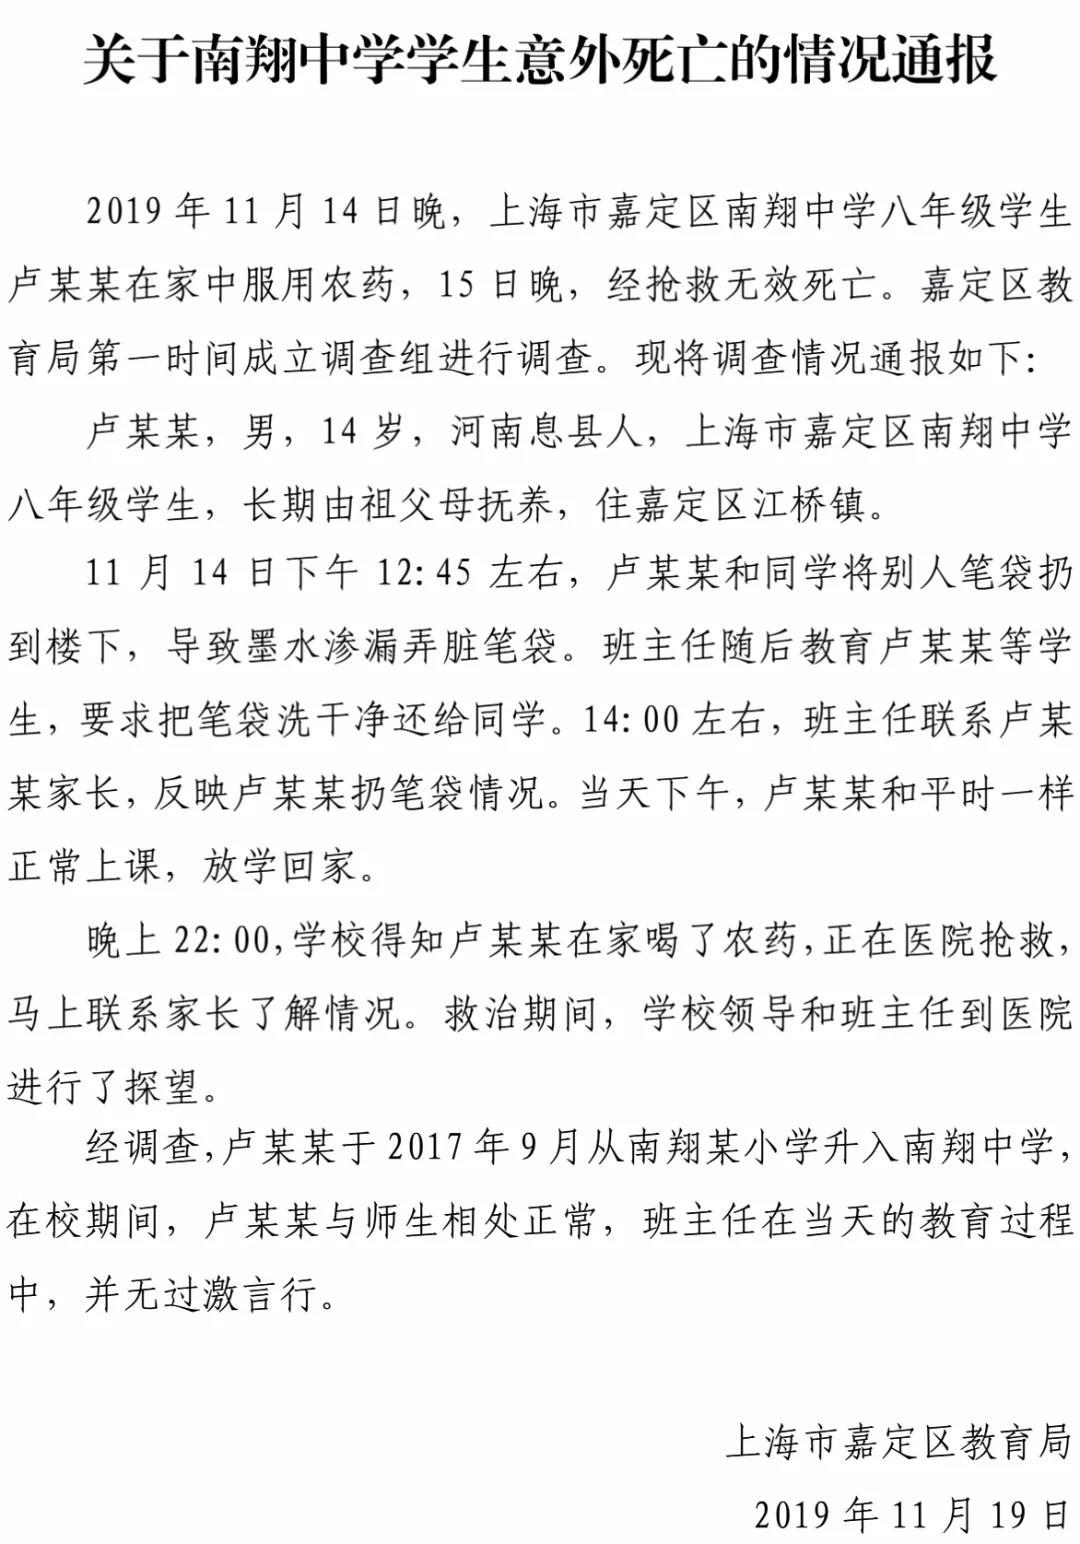 上海一中学生疑受校园欺凌服农药自杀 公安部门介入调查